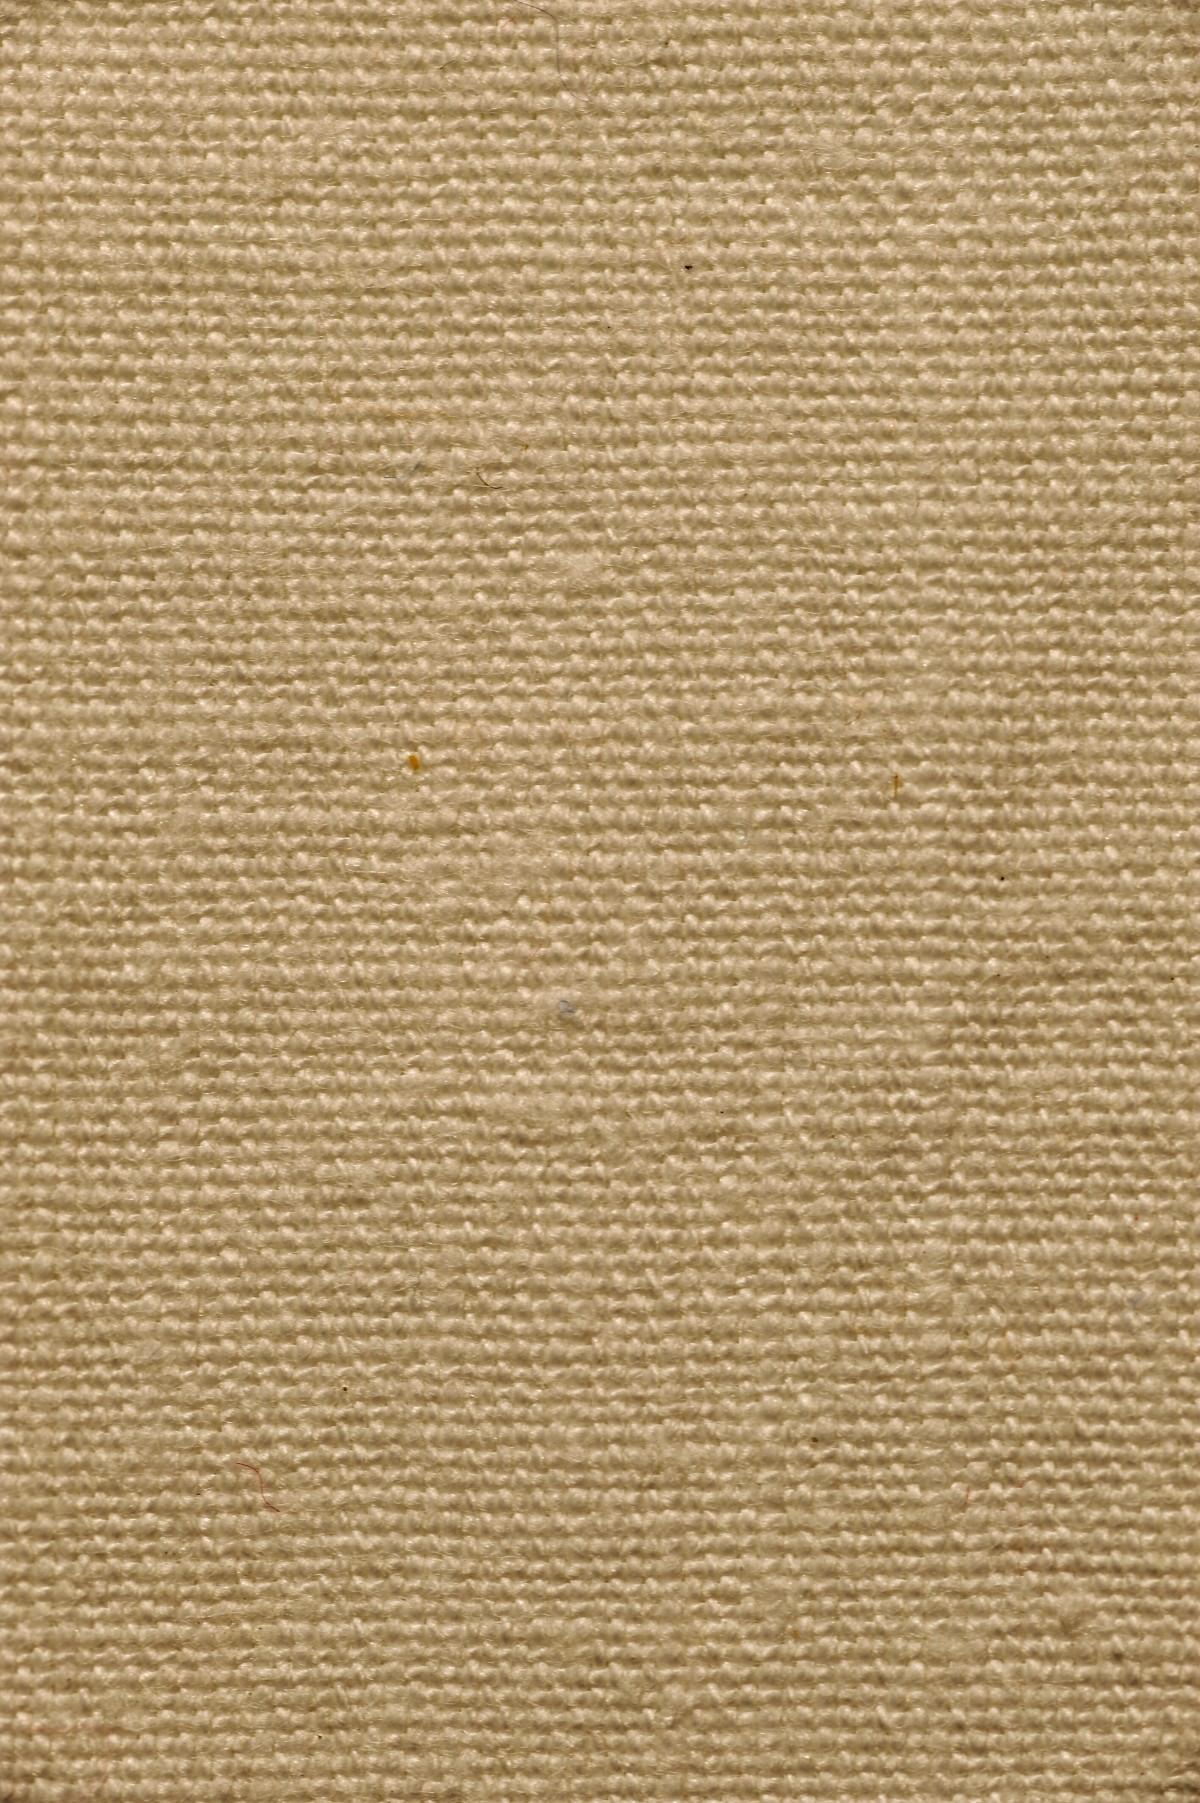 images gratuites texture mod le couleur marron tuile en tissu textile bois dur beige. Black Bedroom Furniture Sets. Home Design Ideas